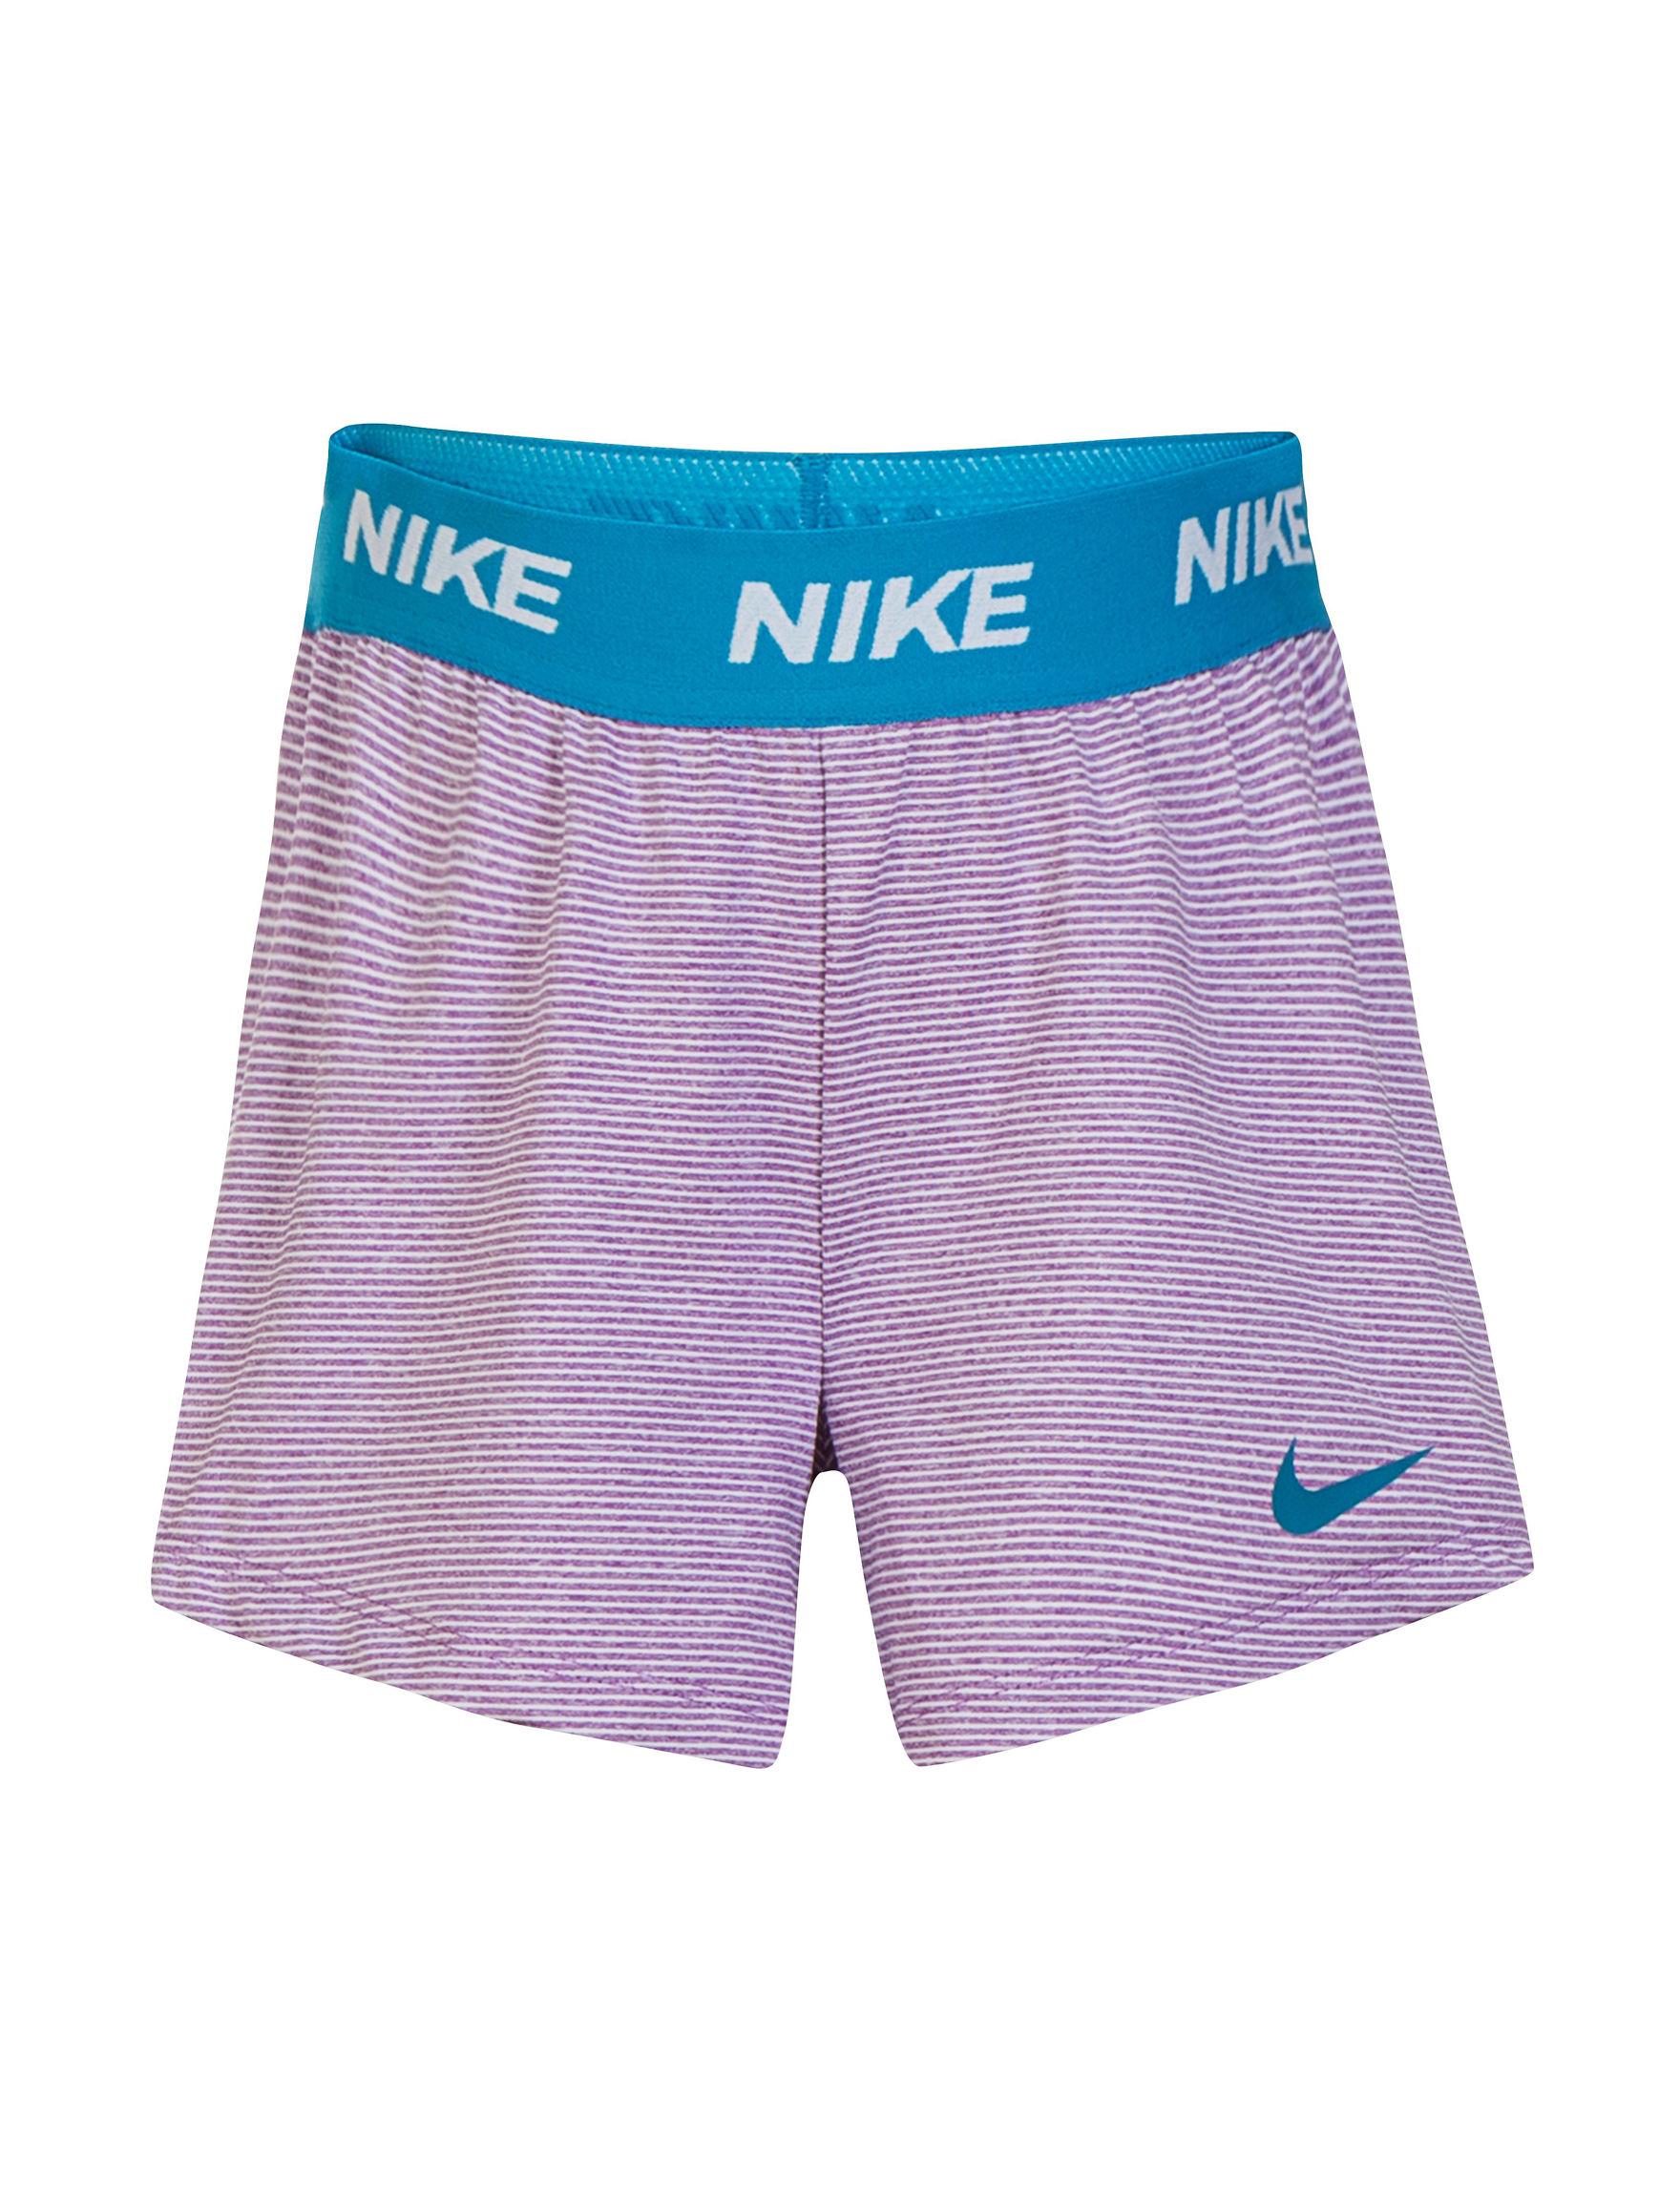 Nike Purple Stripe